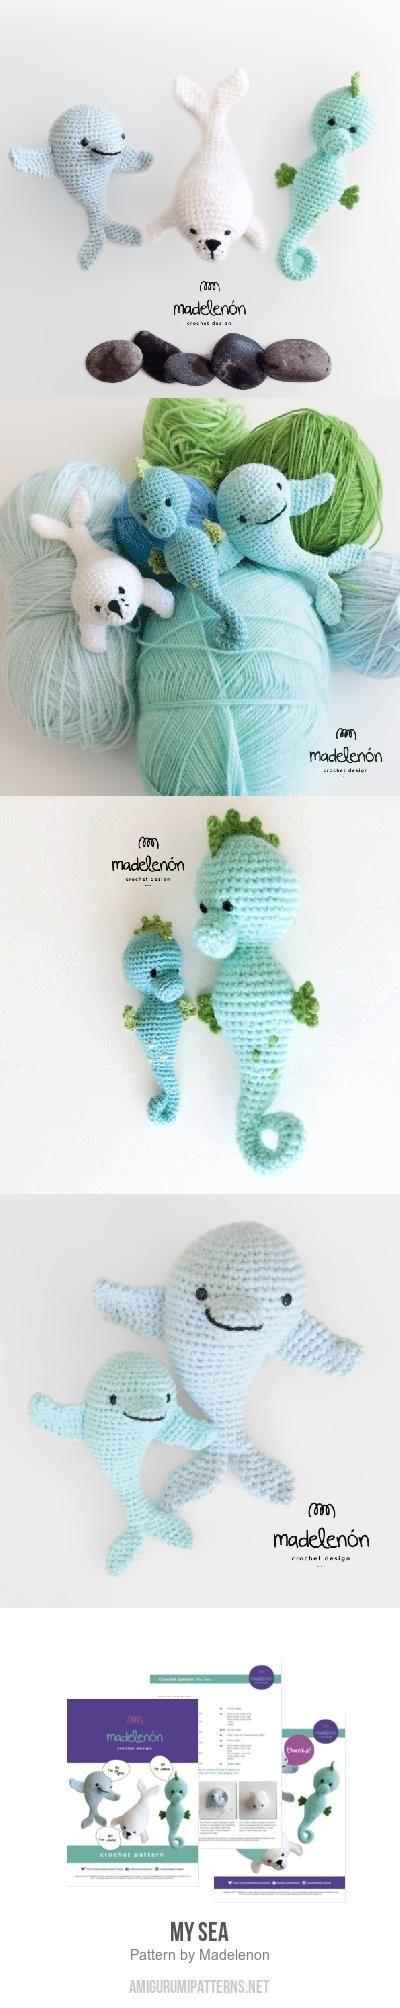 My Sea Amigurumi Pattern. Hypocampe